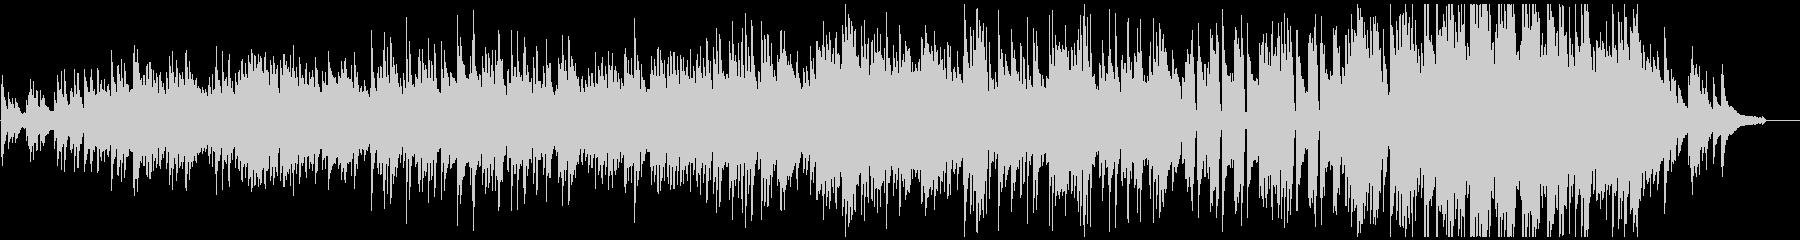 日本らしいメロディの切ないピアノソロ曲の未再生の波形